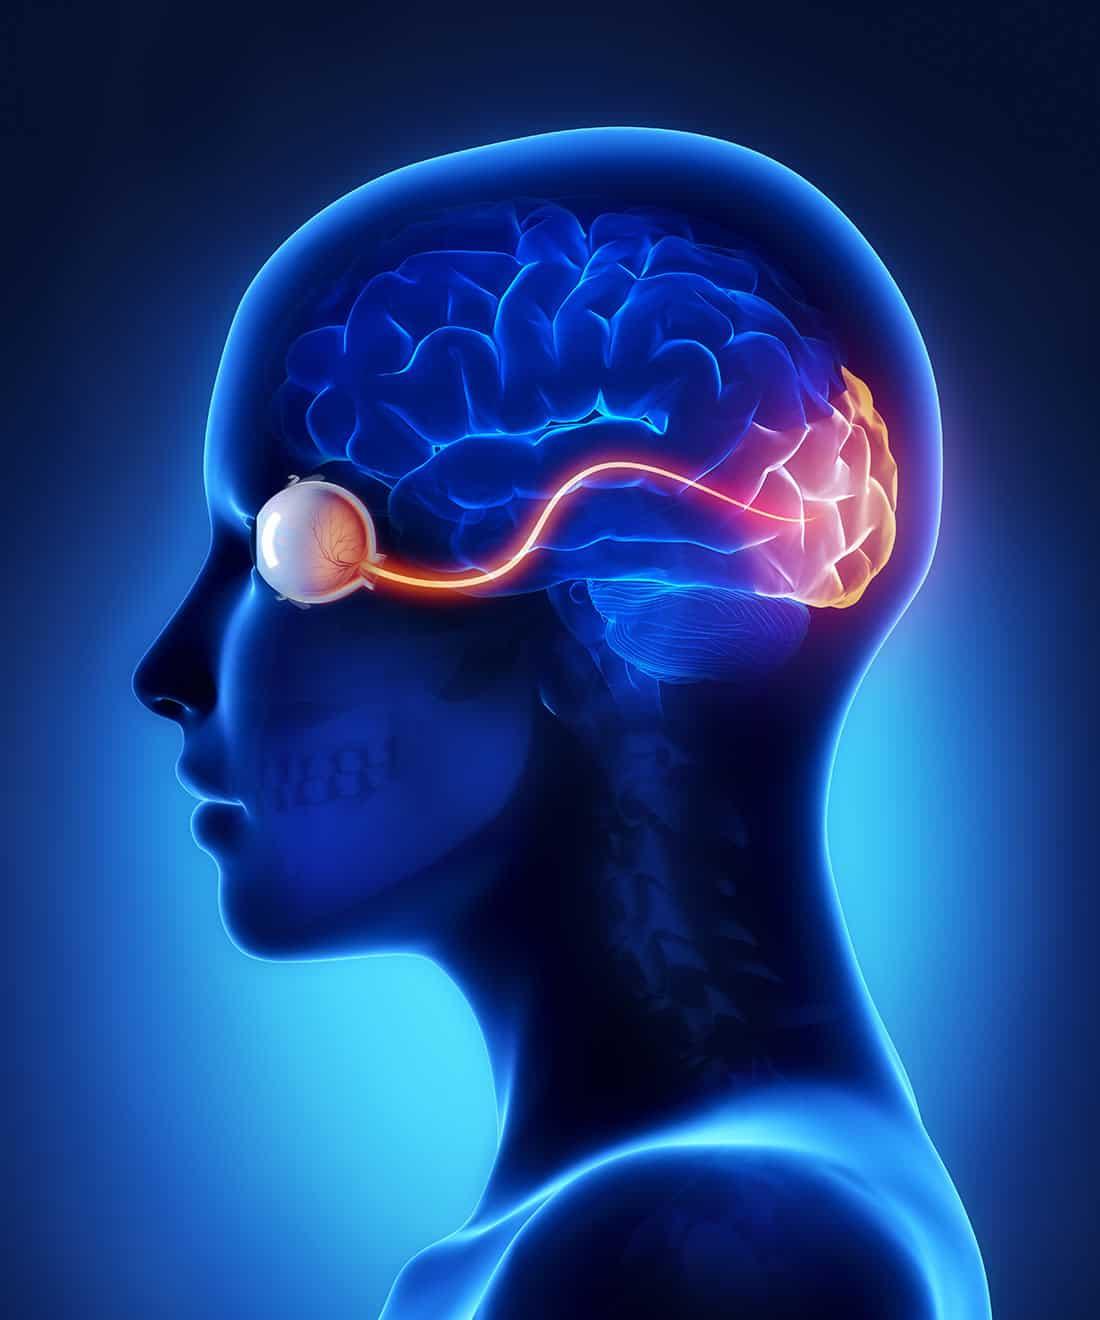 mózg, oko, nerw wzrokowy